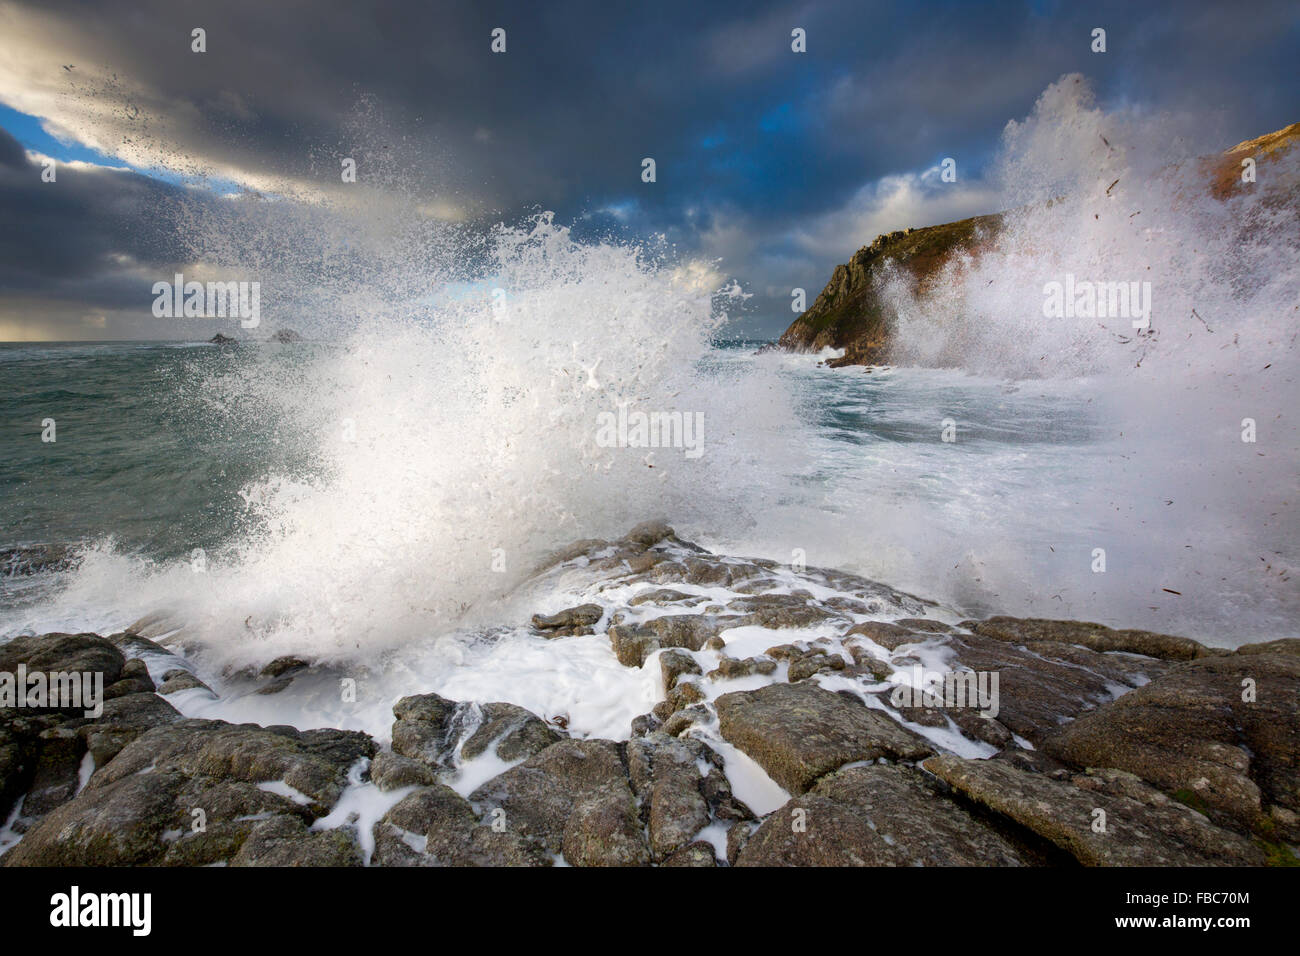 Kinderbett-Tal; Welle brechen; Cornwall; UK Stockbild